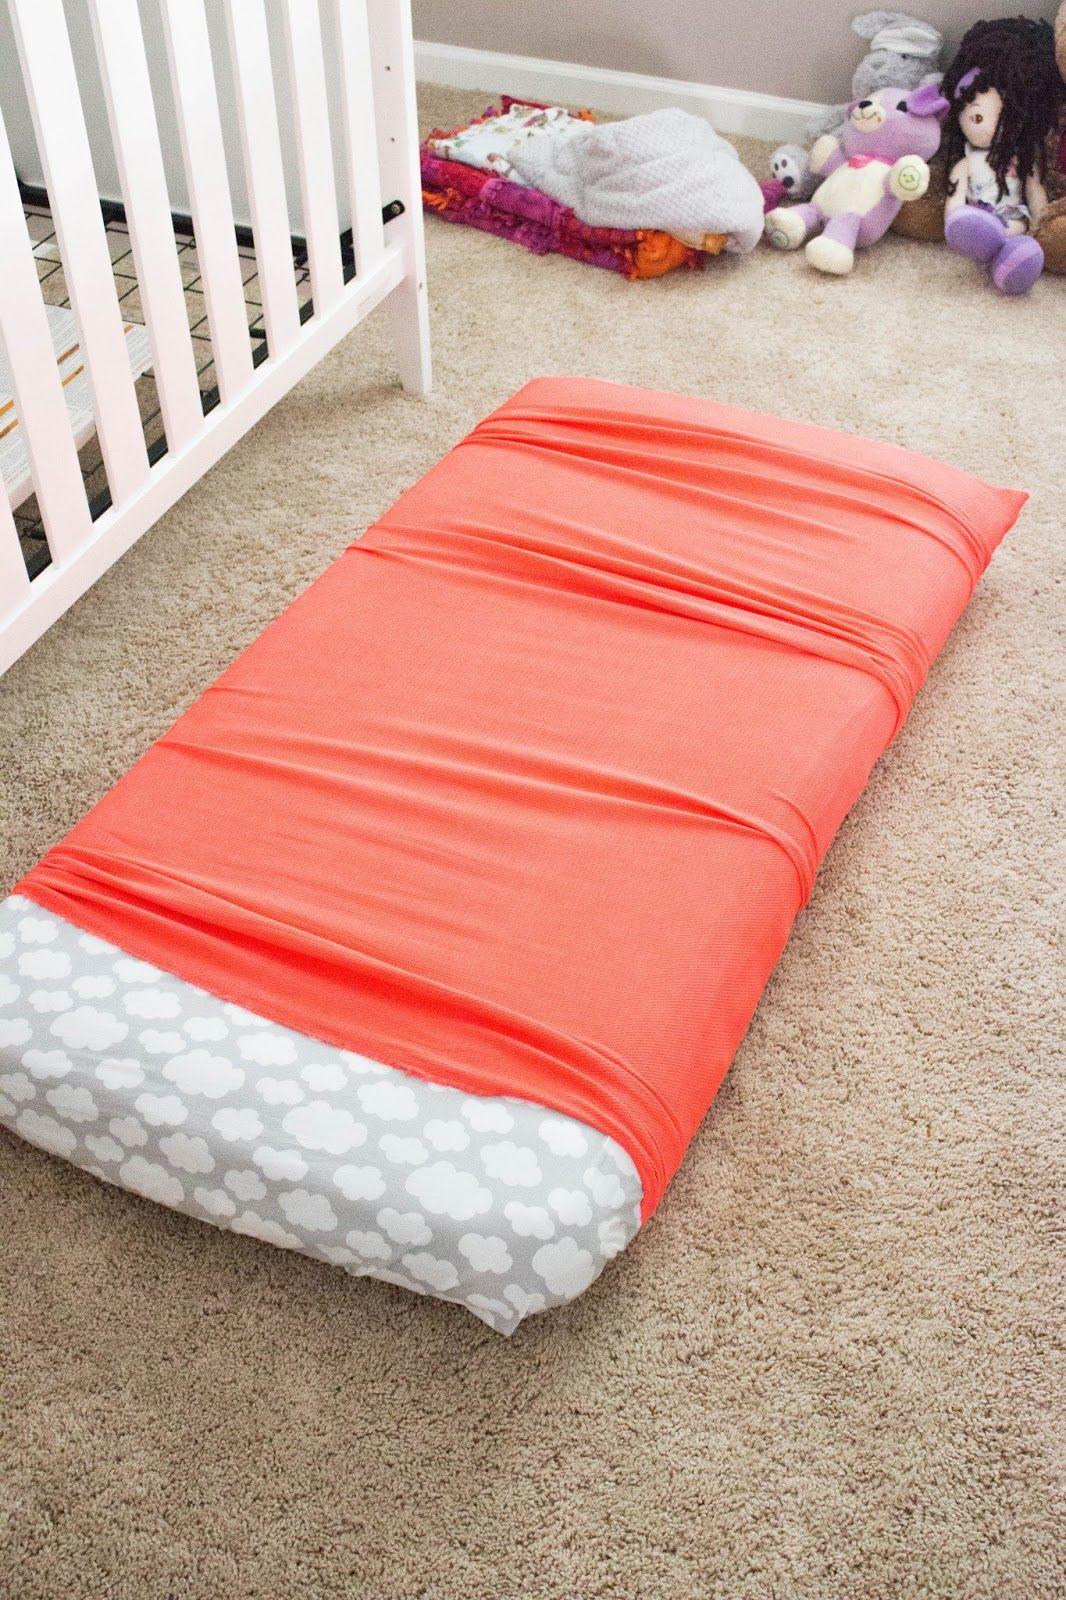 DIY Lycra Compression Bed Sheets For Deep Pressure Input